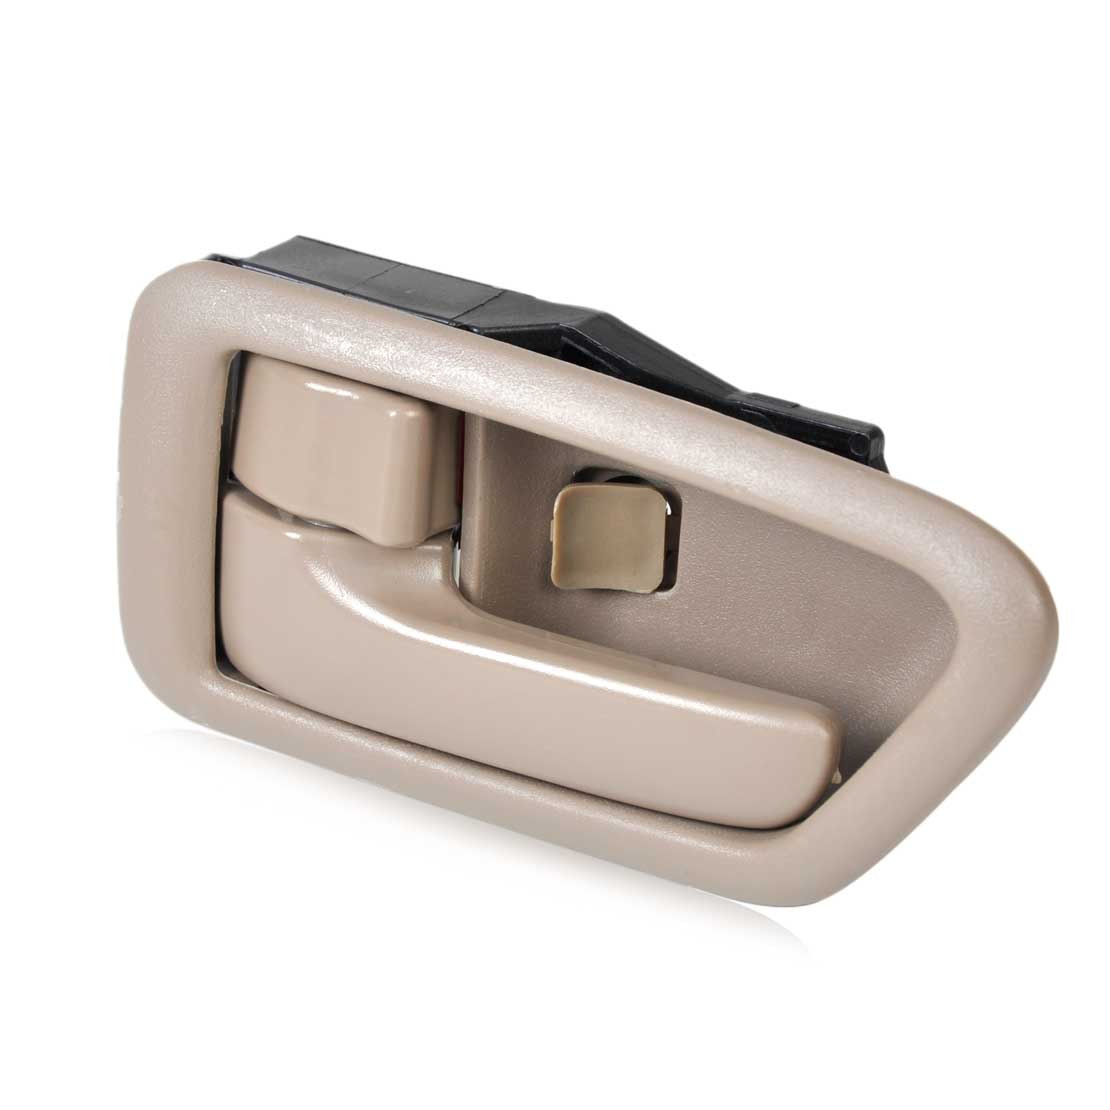 Dwcx 69206aa010e0 69278aa010 Left Inside Door Bezel Handle For Toyota Camry 1997 1998 1999 2000